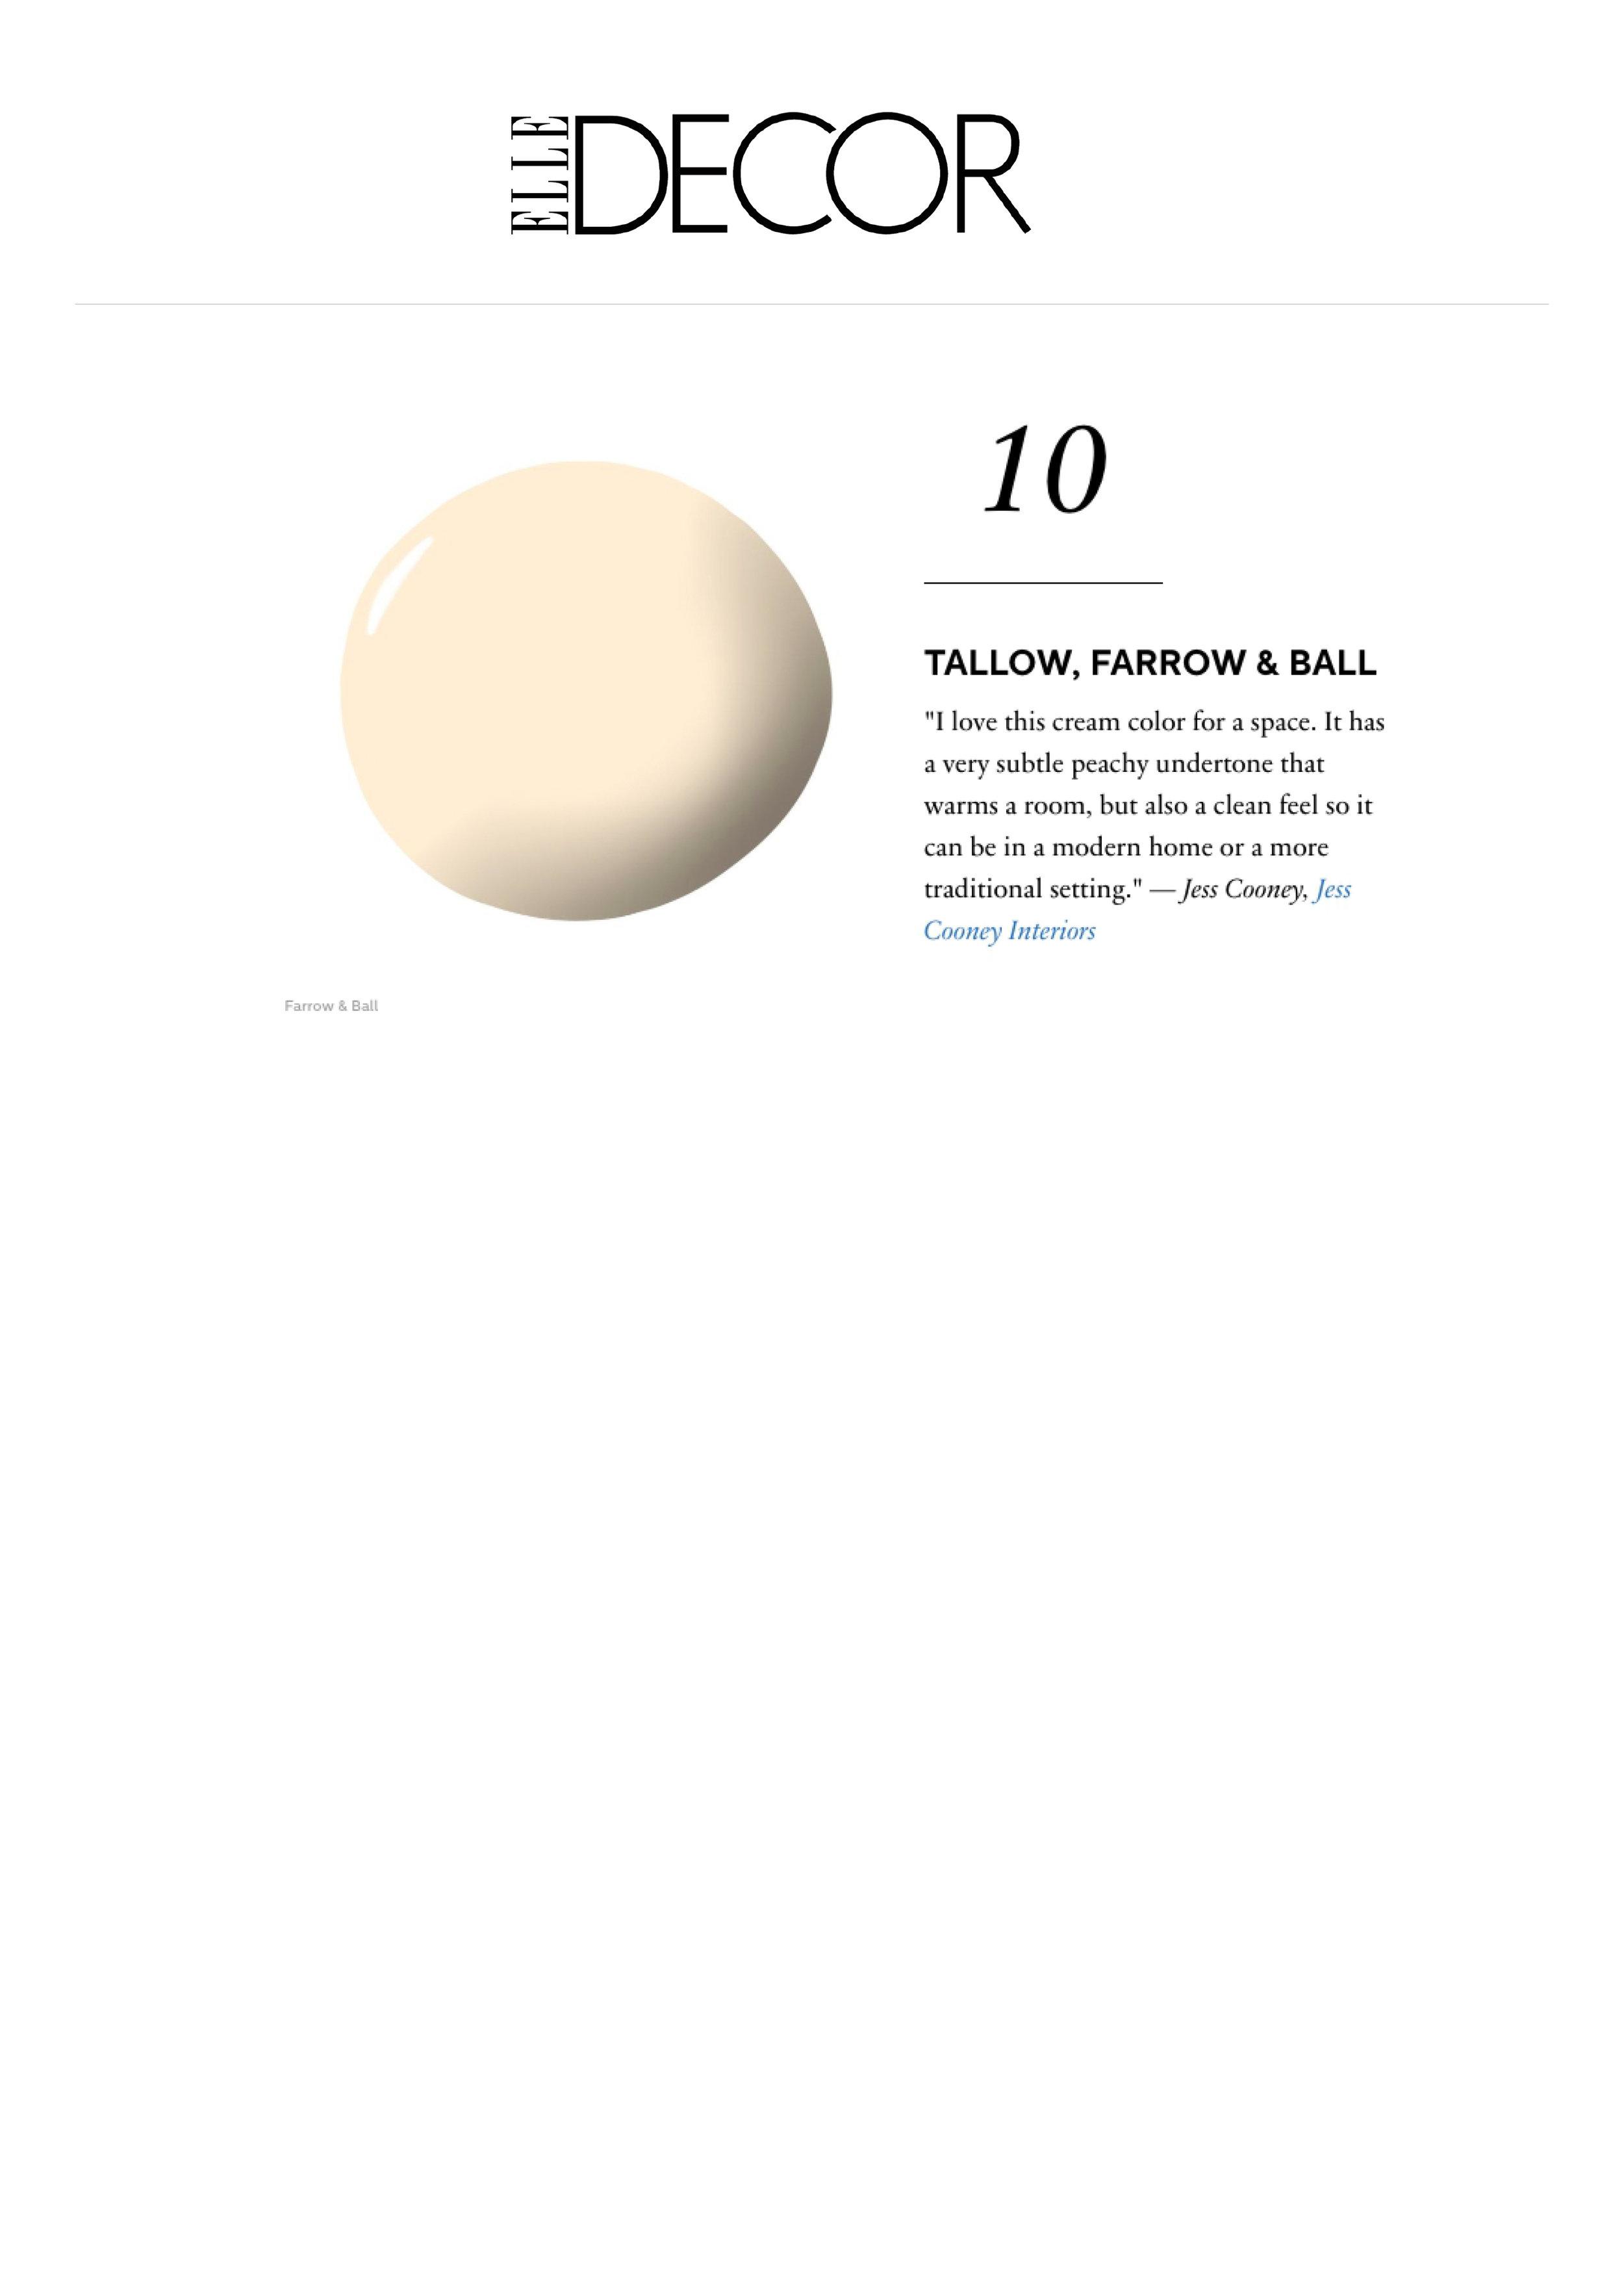 Elle Decor Online - 3.26.19 (1)-6.jpg